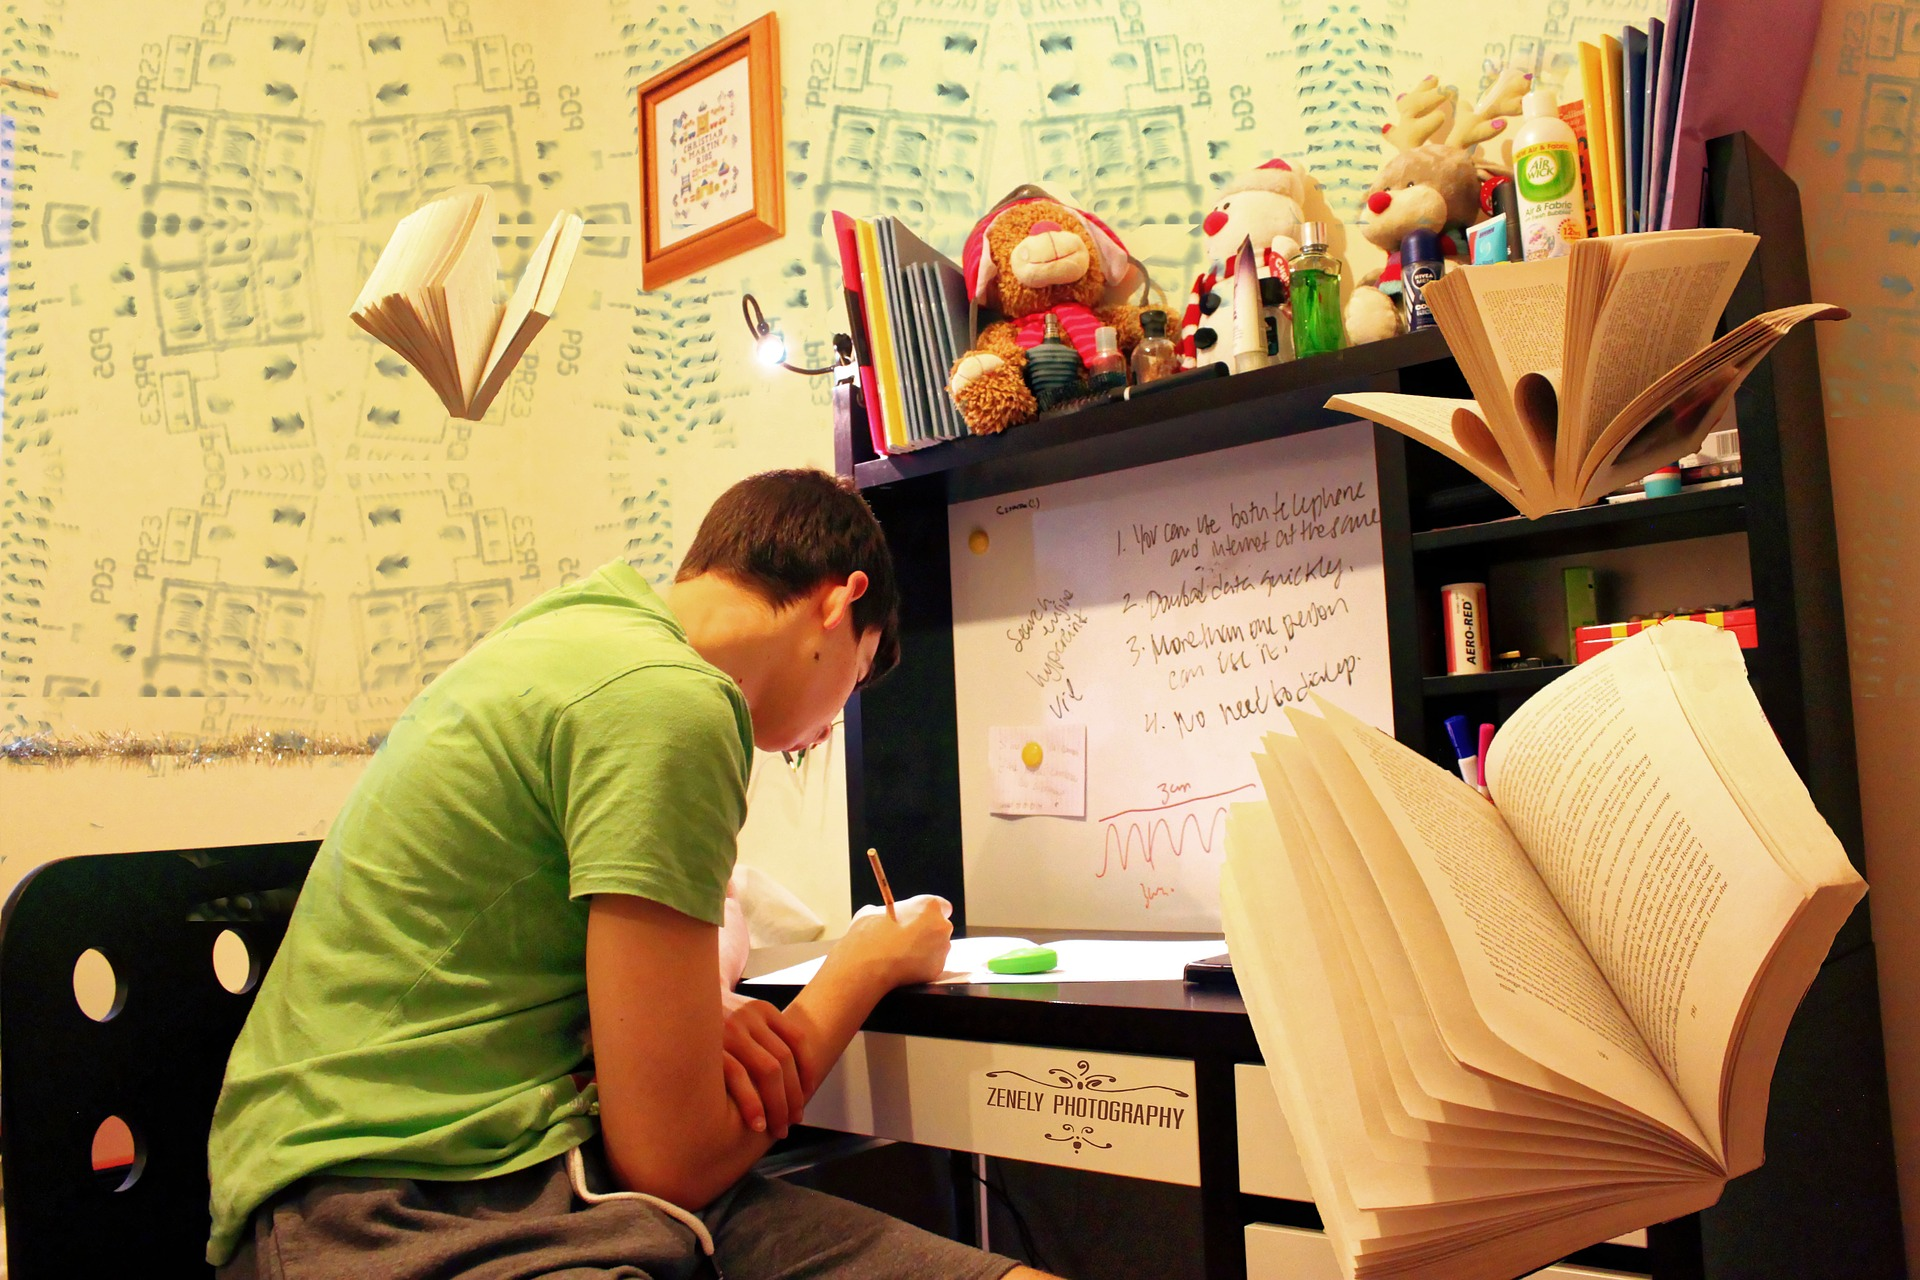 勉強に集中する時間を伸ばすには?